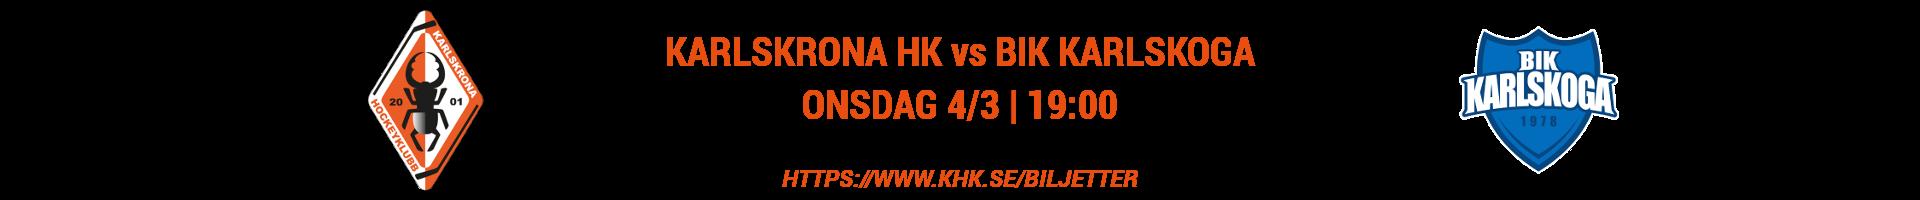 Nästa hemmamatch, Karlskrona HK - BIK Karlskoga den 4 mars, klockan 19:00. Köp din biljett redan nu.